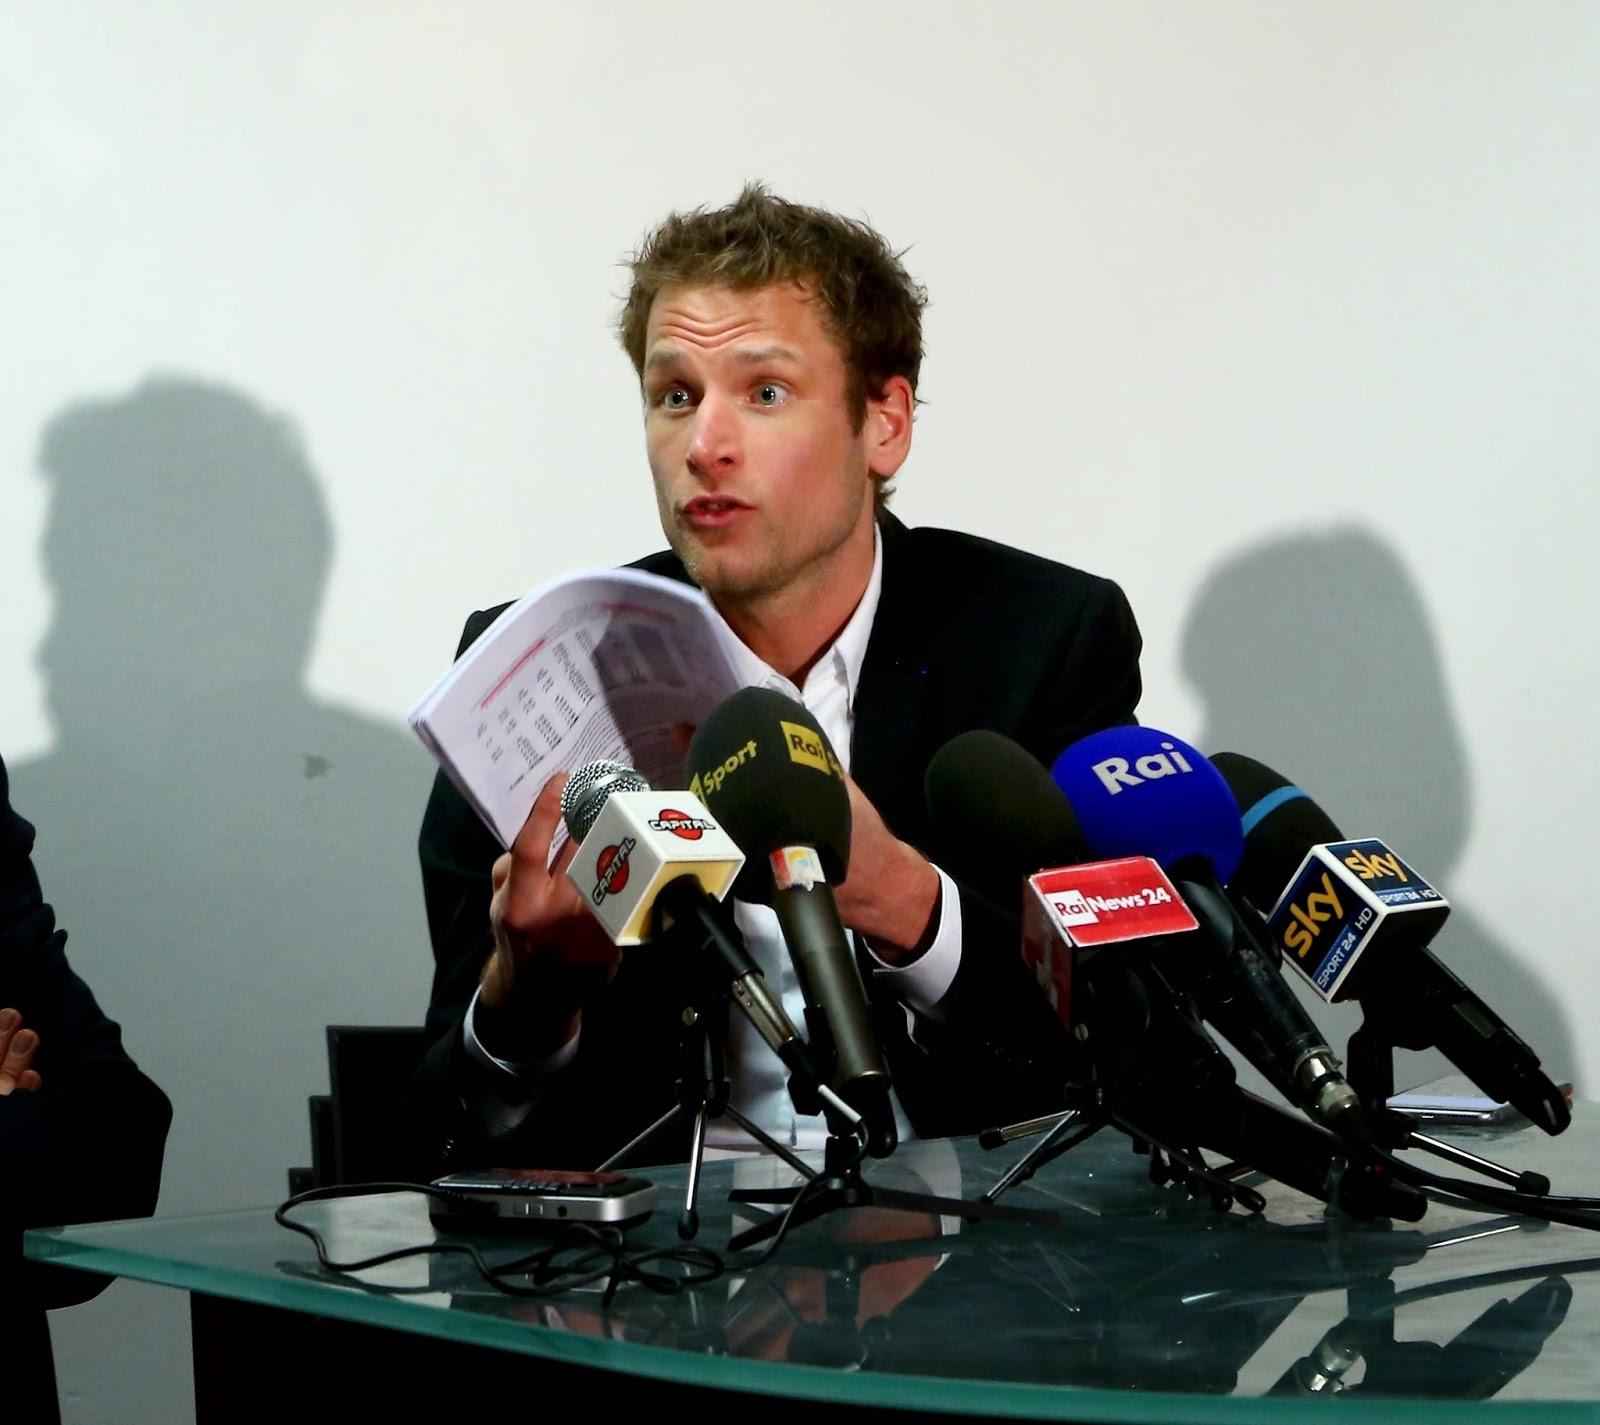 ATLETICA Il nuovo Schwazer, voglia di ricominciare dopo la depressione e il doping